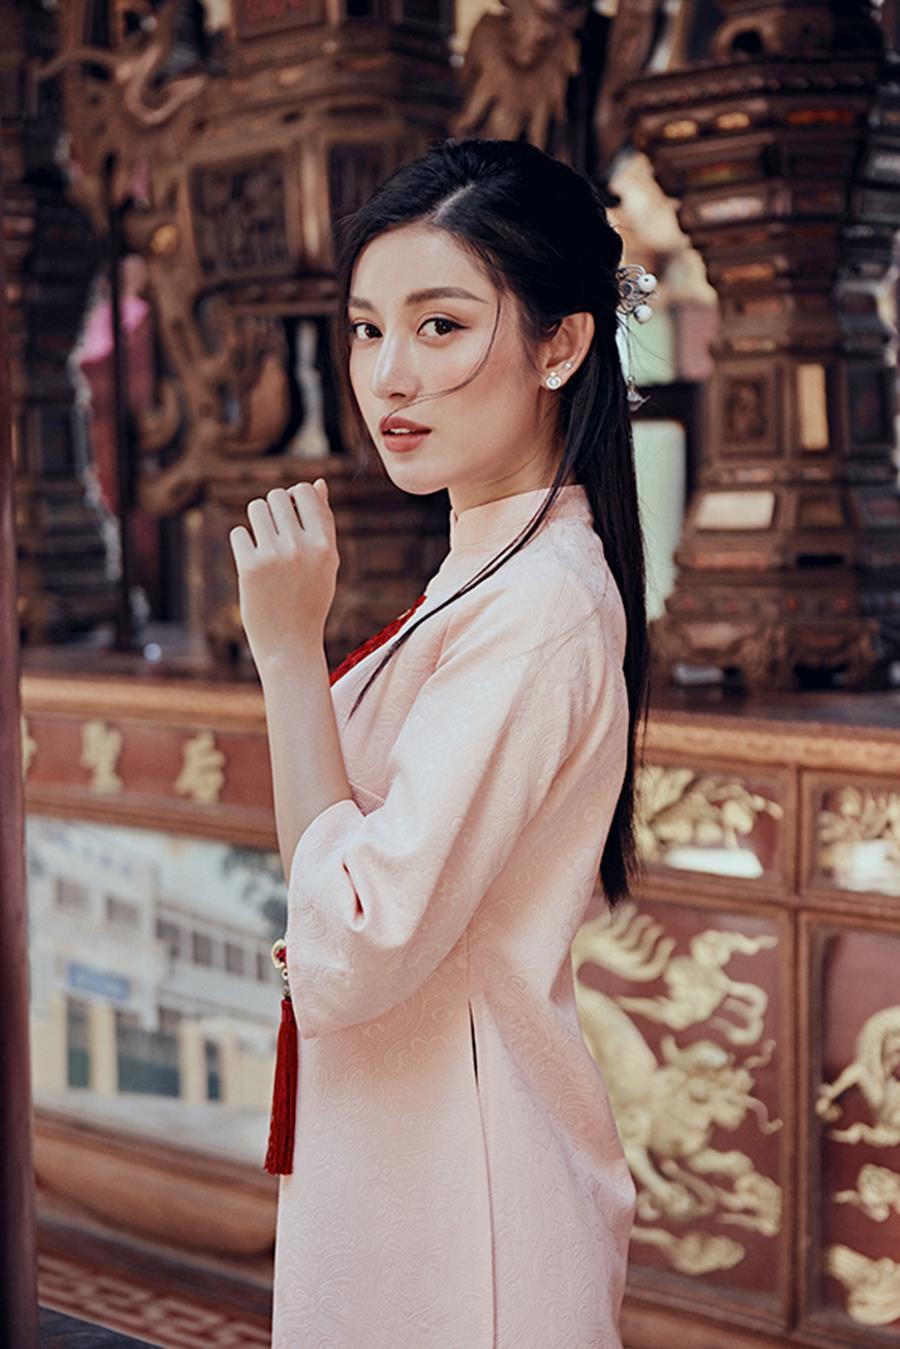 Á hậu Huyền My khác lạ trong bộ ảnh áo dài đón Tết-6